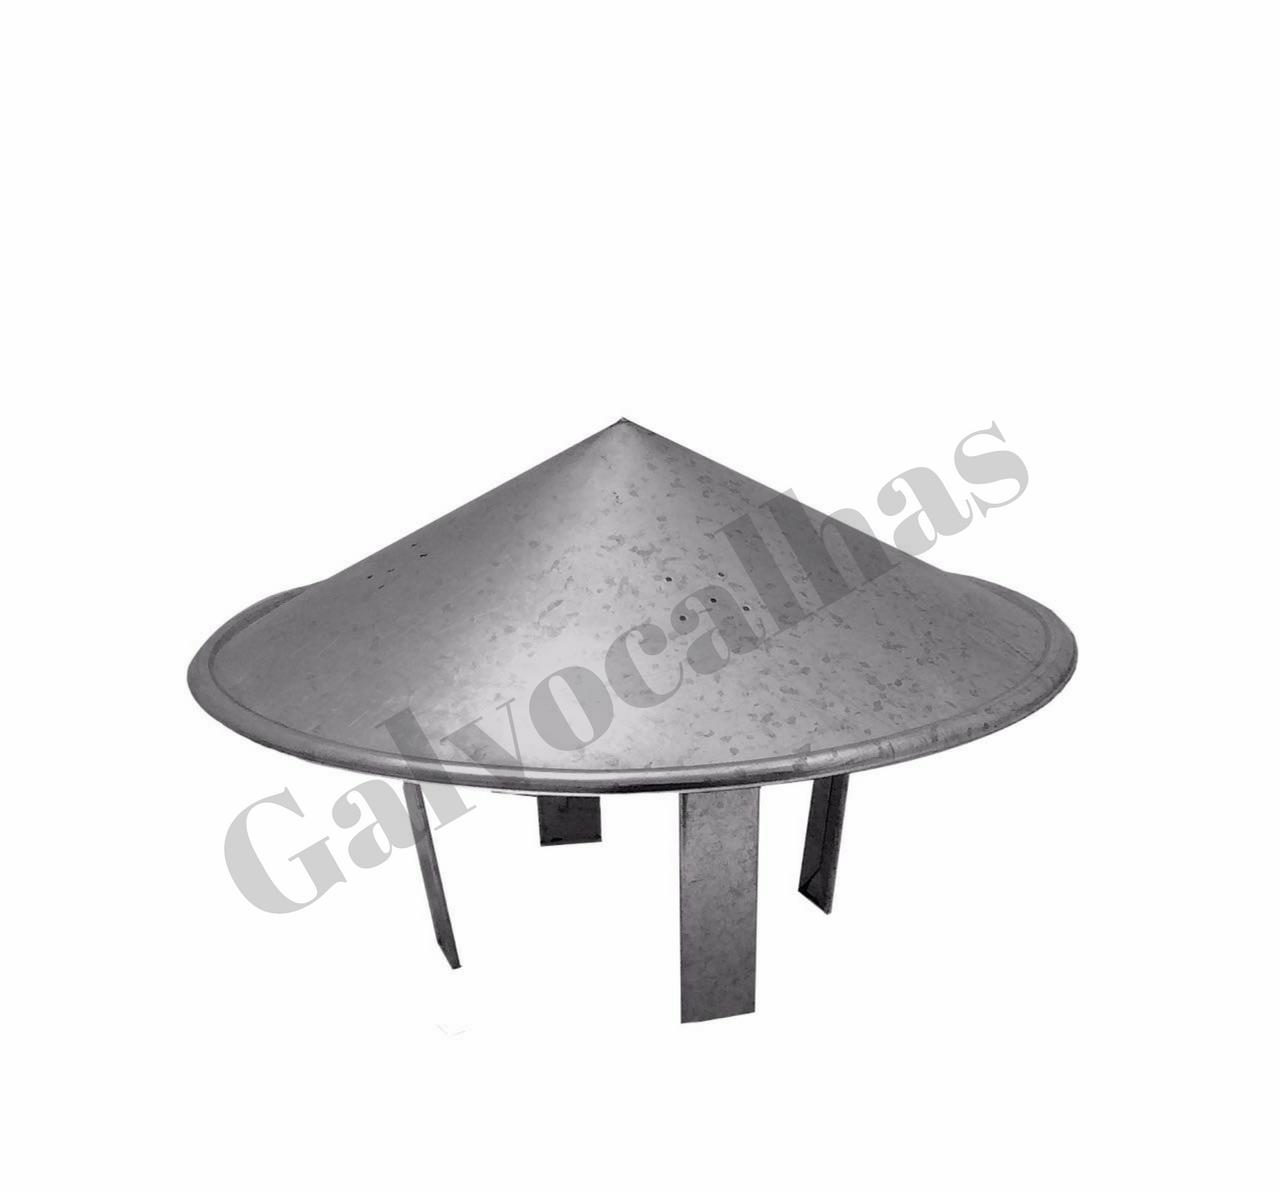 1 metro de duto galvanizado com chapéu para chaminé - Vários diâmetros - Consulte-nos!  - Galvocalhas